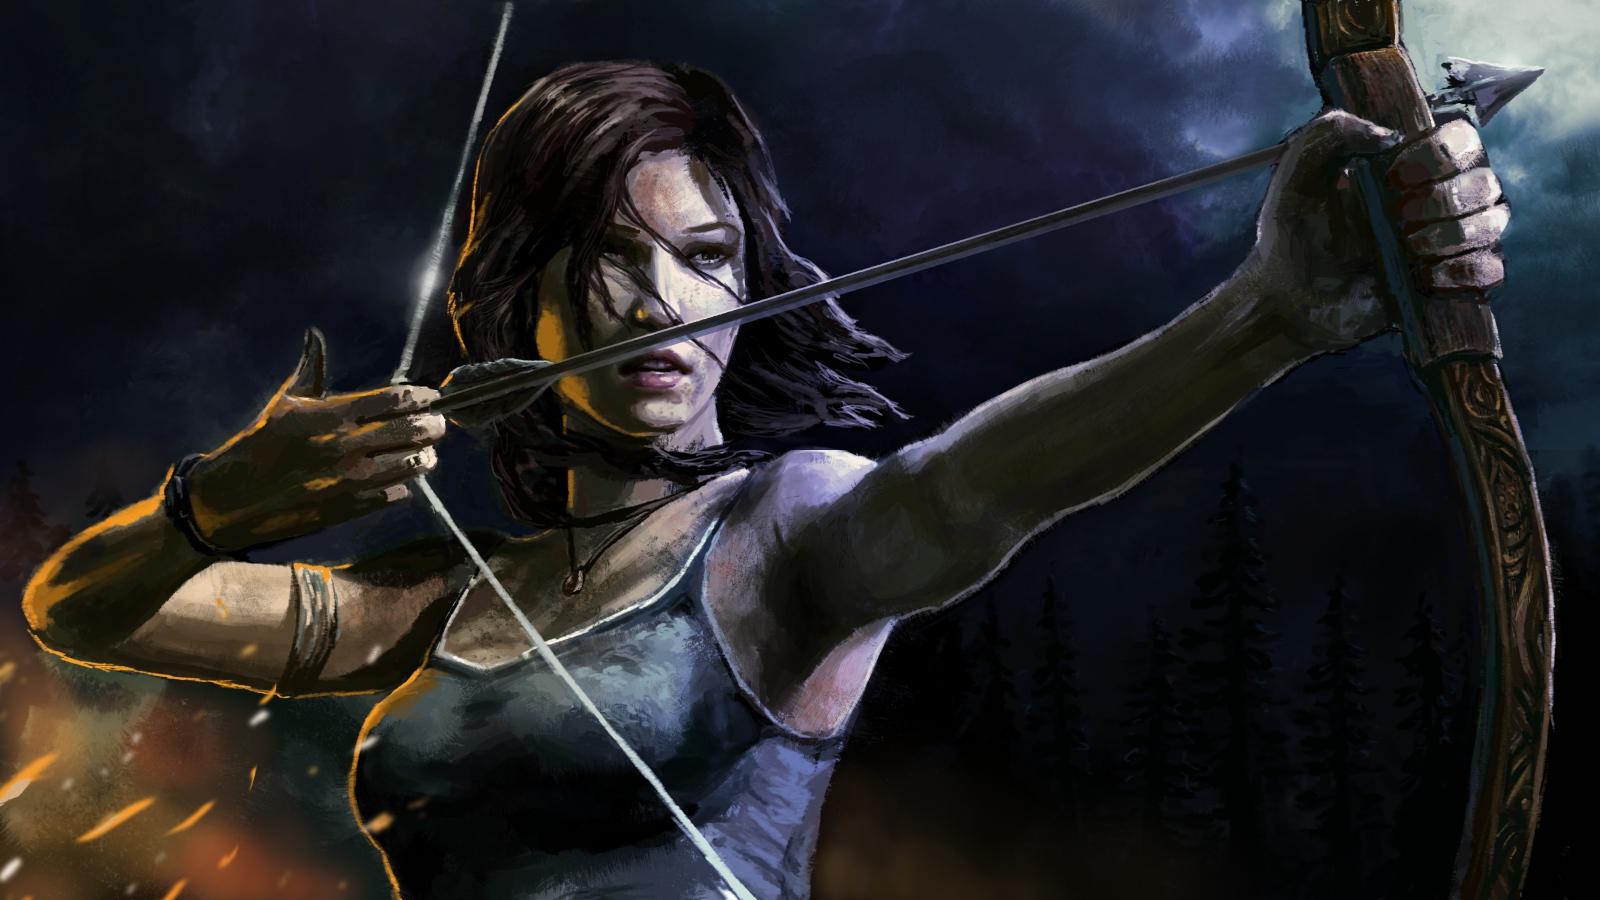 Lara Croft Tomb Raider Wallpaper 39057374 Fanpop